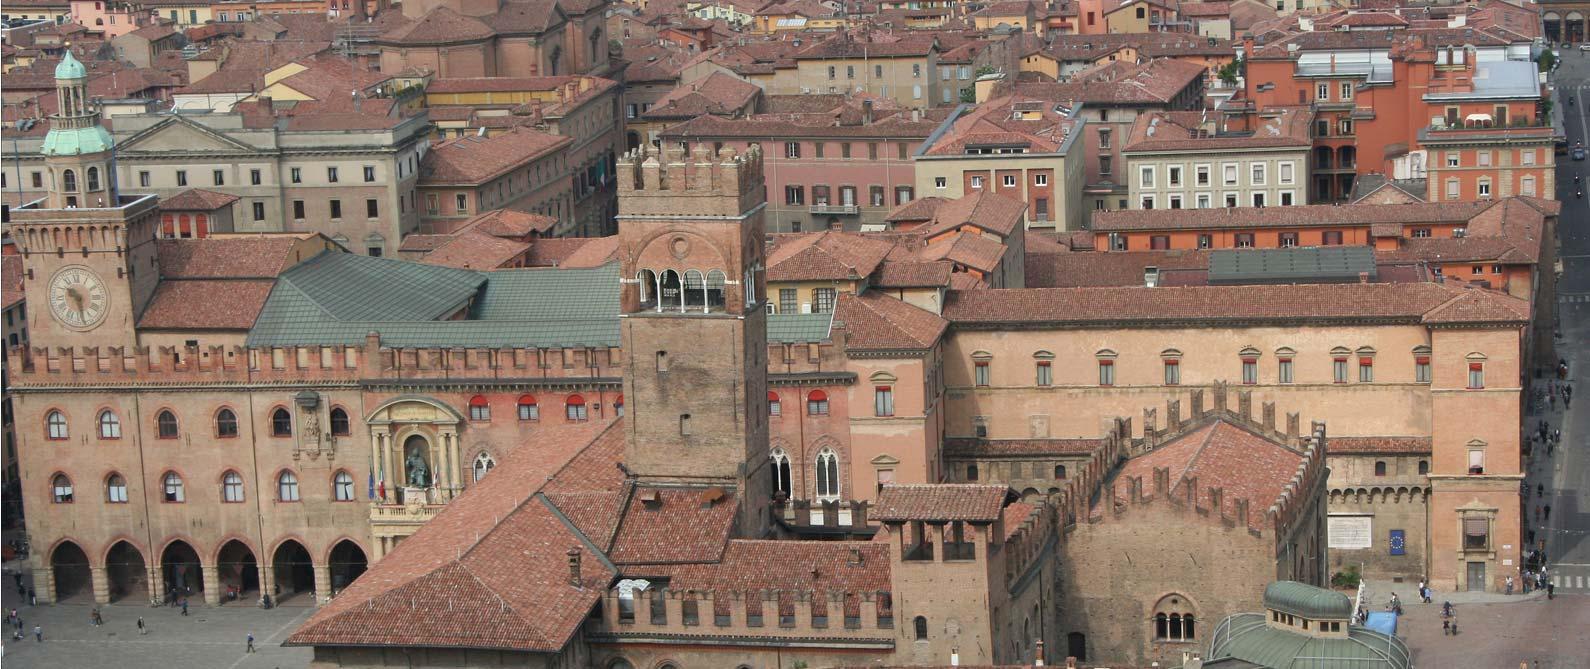 Centro hercolani Bologna